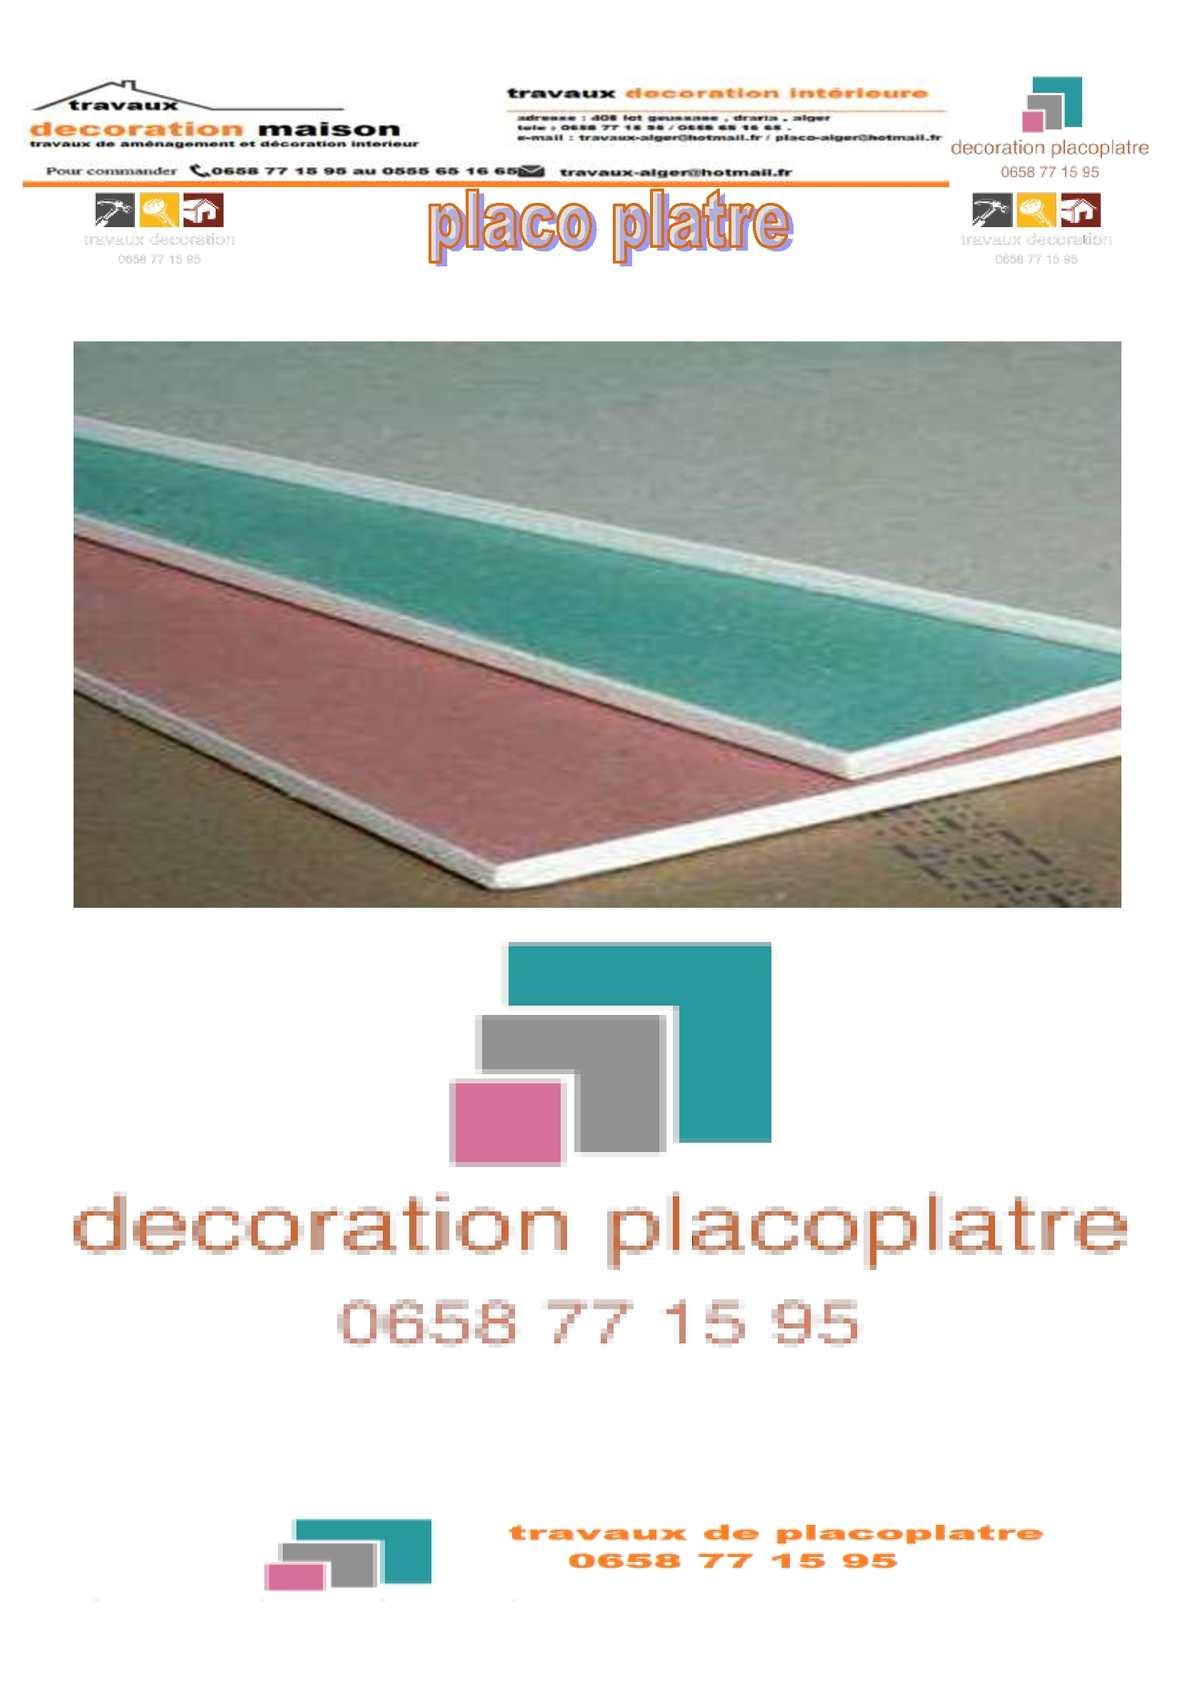 Plaque De Platre Ba10 en ce qui concerne calaméo - placo platre (ba13) algerie